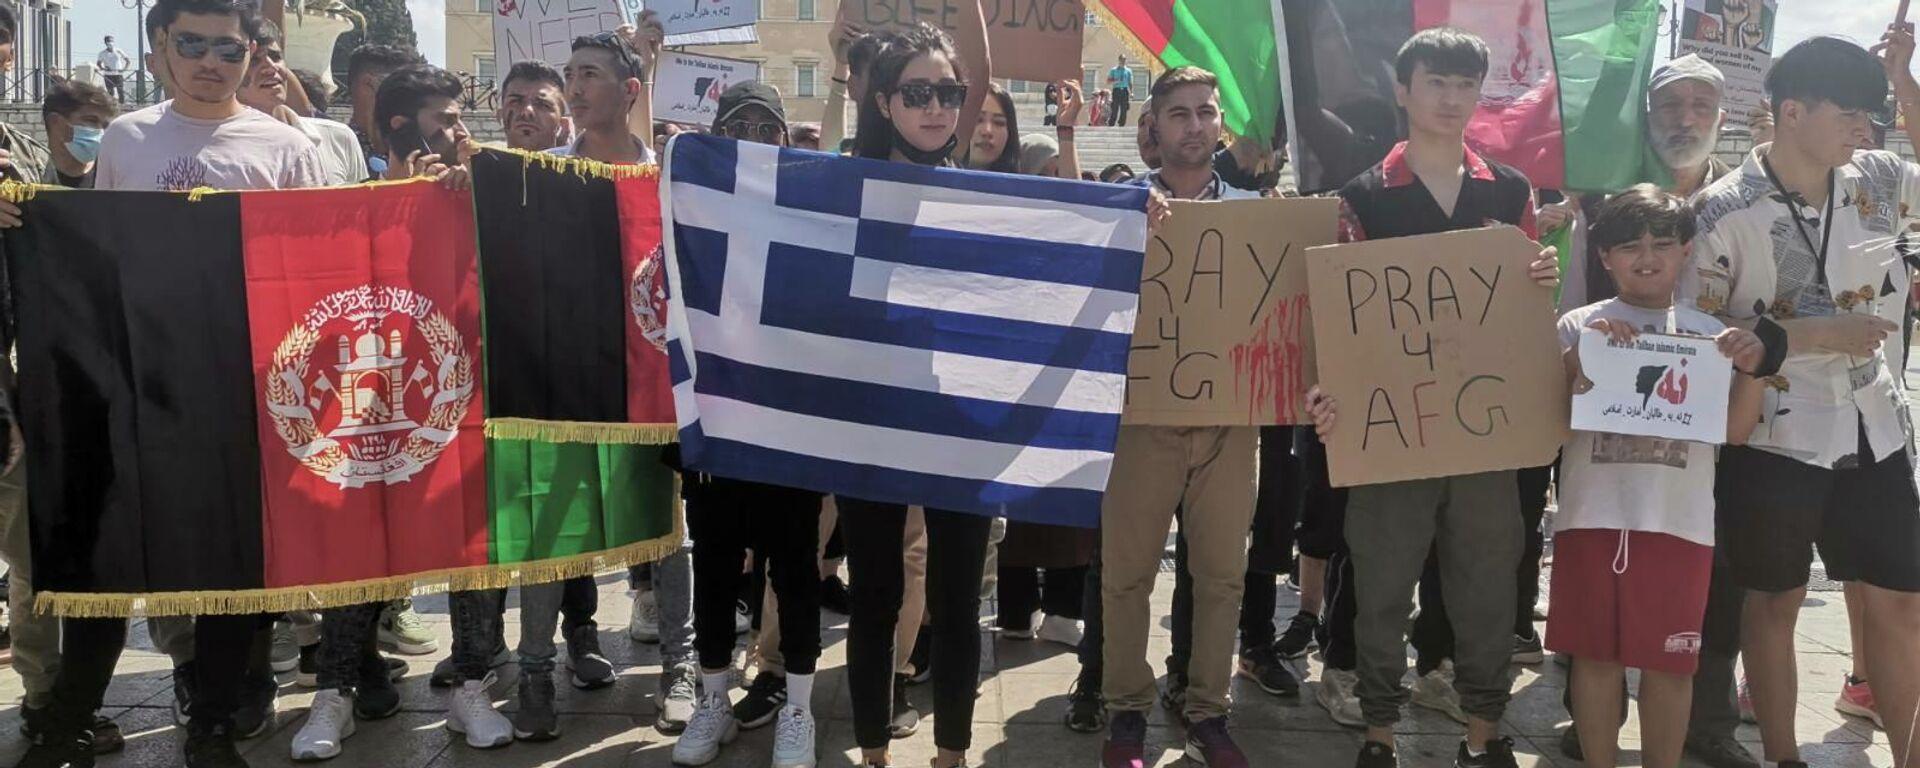 Διαμαρτυρία για το Αφγανιστάν στο Σύνταγμα - Sputnik Ελλάδα, 1920, 19.08.2021